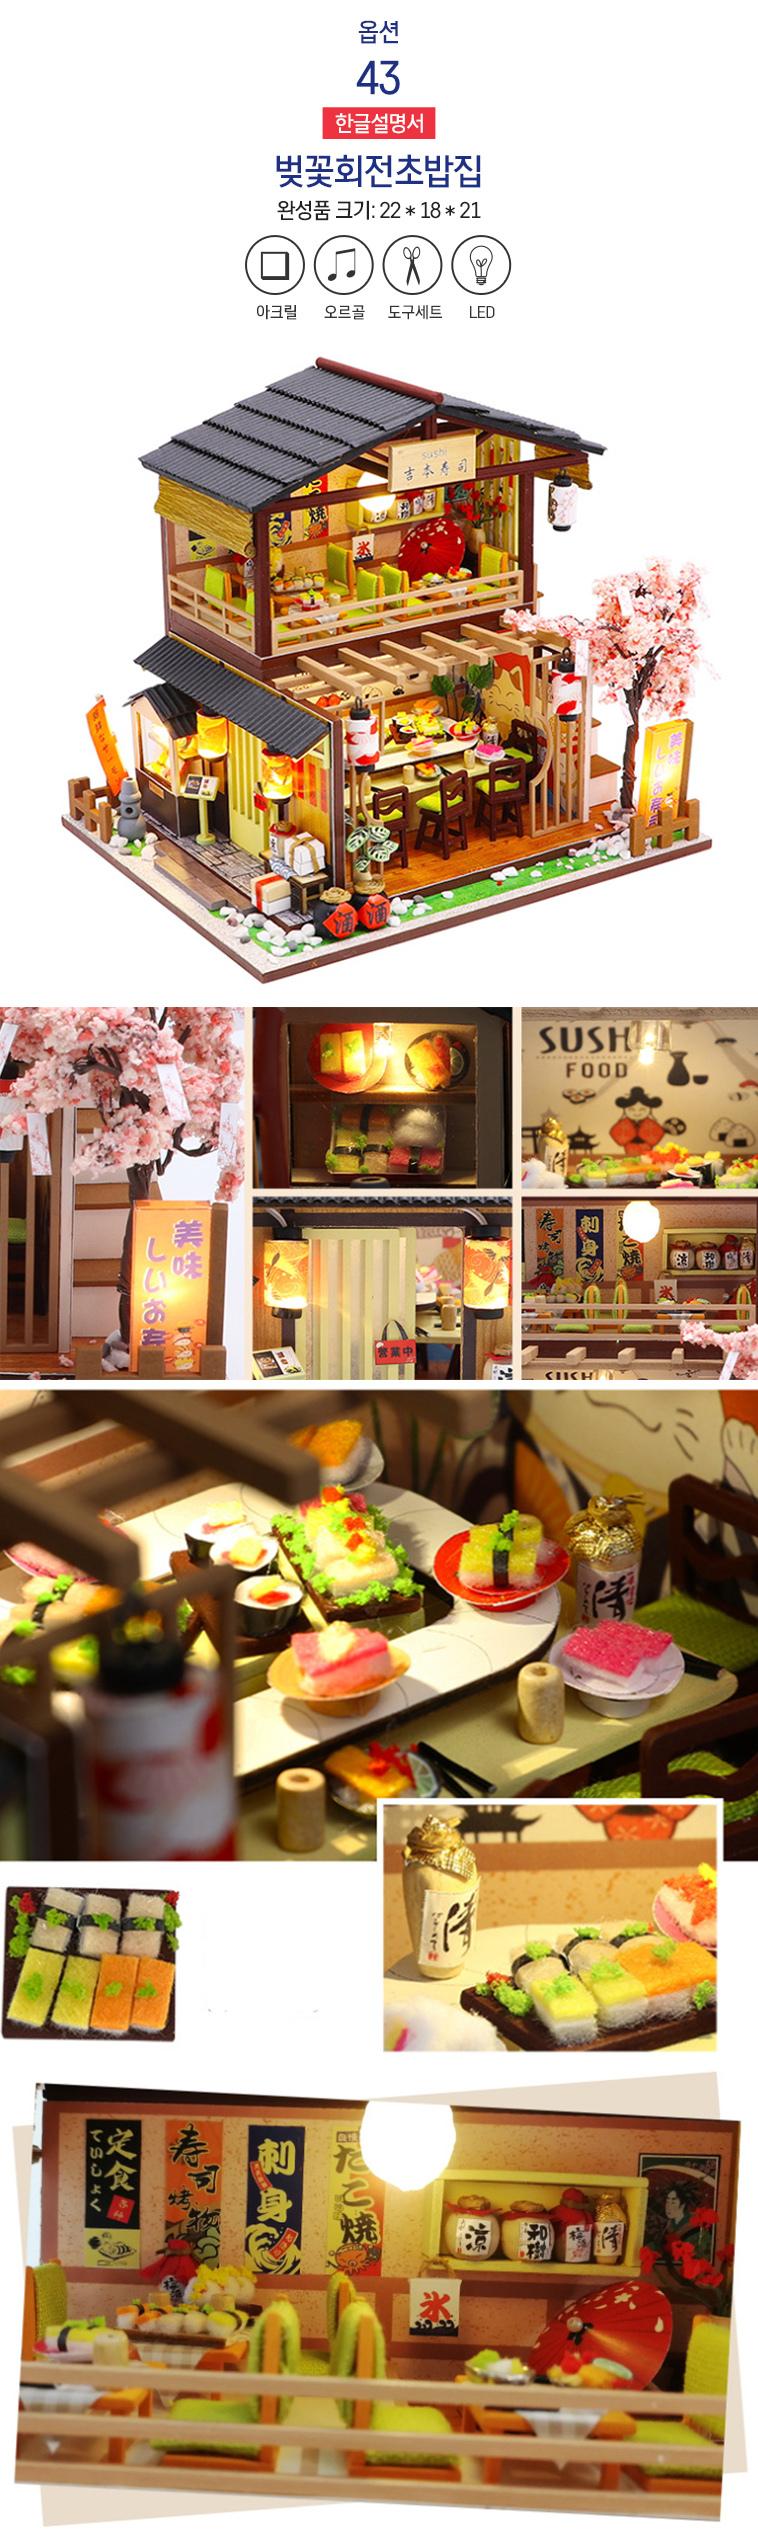 DIY 미니어쳐 하우스 만들기 벚꽃회전초밥집 - 옥탑방어른이, 31,160원, 미니어처 DIY, 미니어처 만들기 패키지